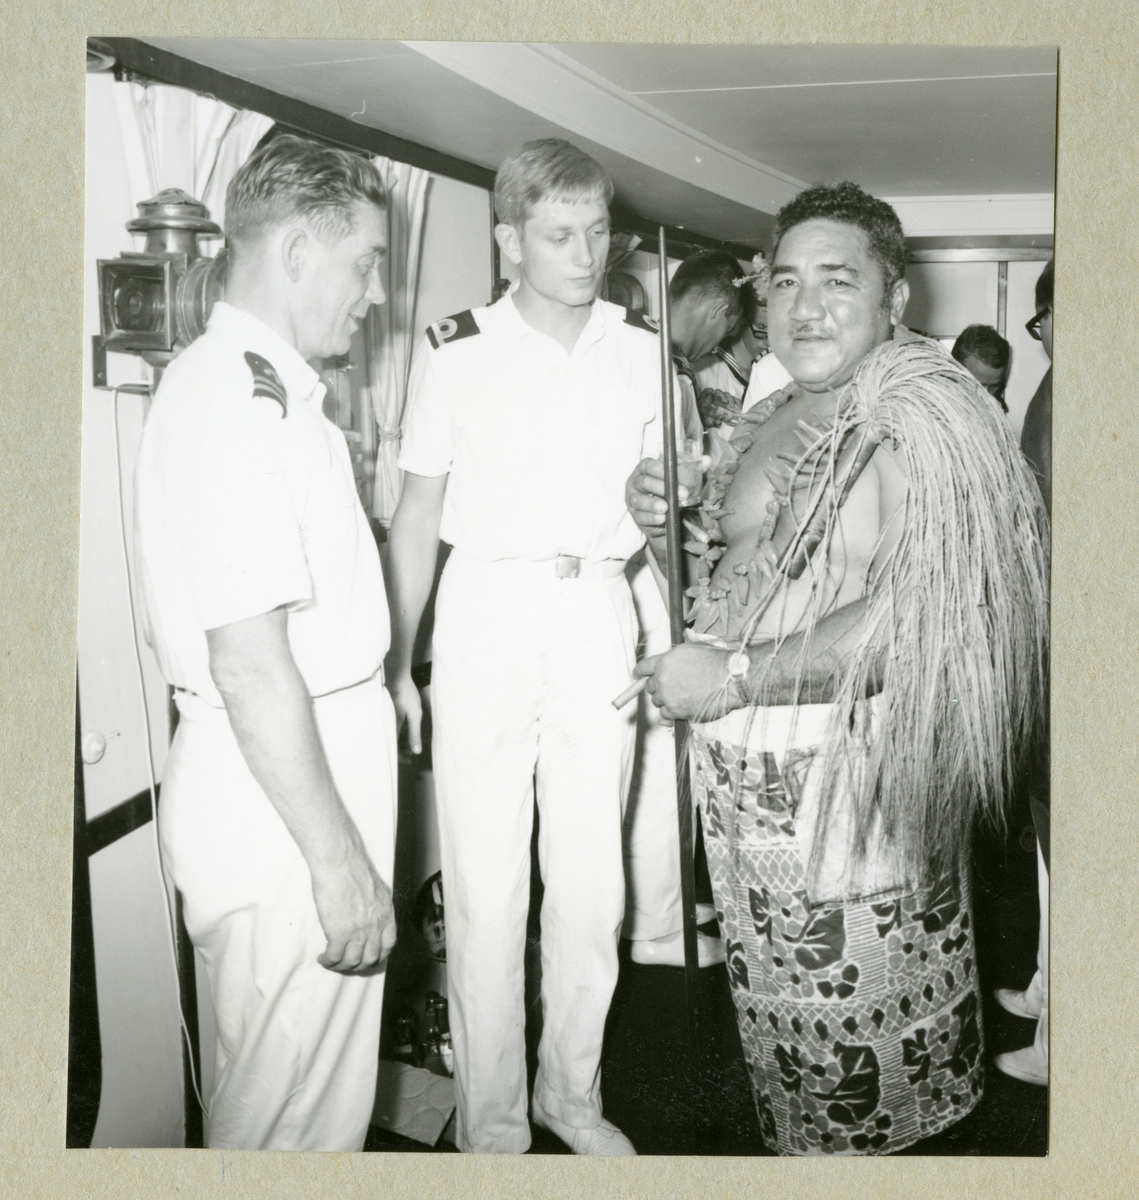 Bilden föreställer två besättningsmän i vita uniformer som står tillsammans med en man i lokala kläder. Bilden är från en mottagning ombord i Älvsnabbens gunrum för lokala dignitärer i Pago-Pago, Samoa. I mitten syns fartygets 2. fartygsintendent (FP2), fänrik Peder Ribbing.